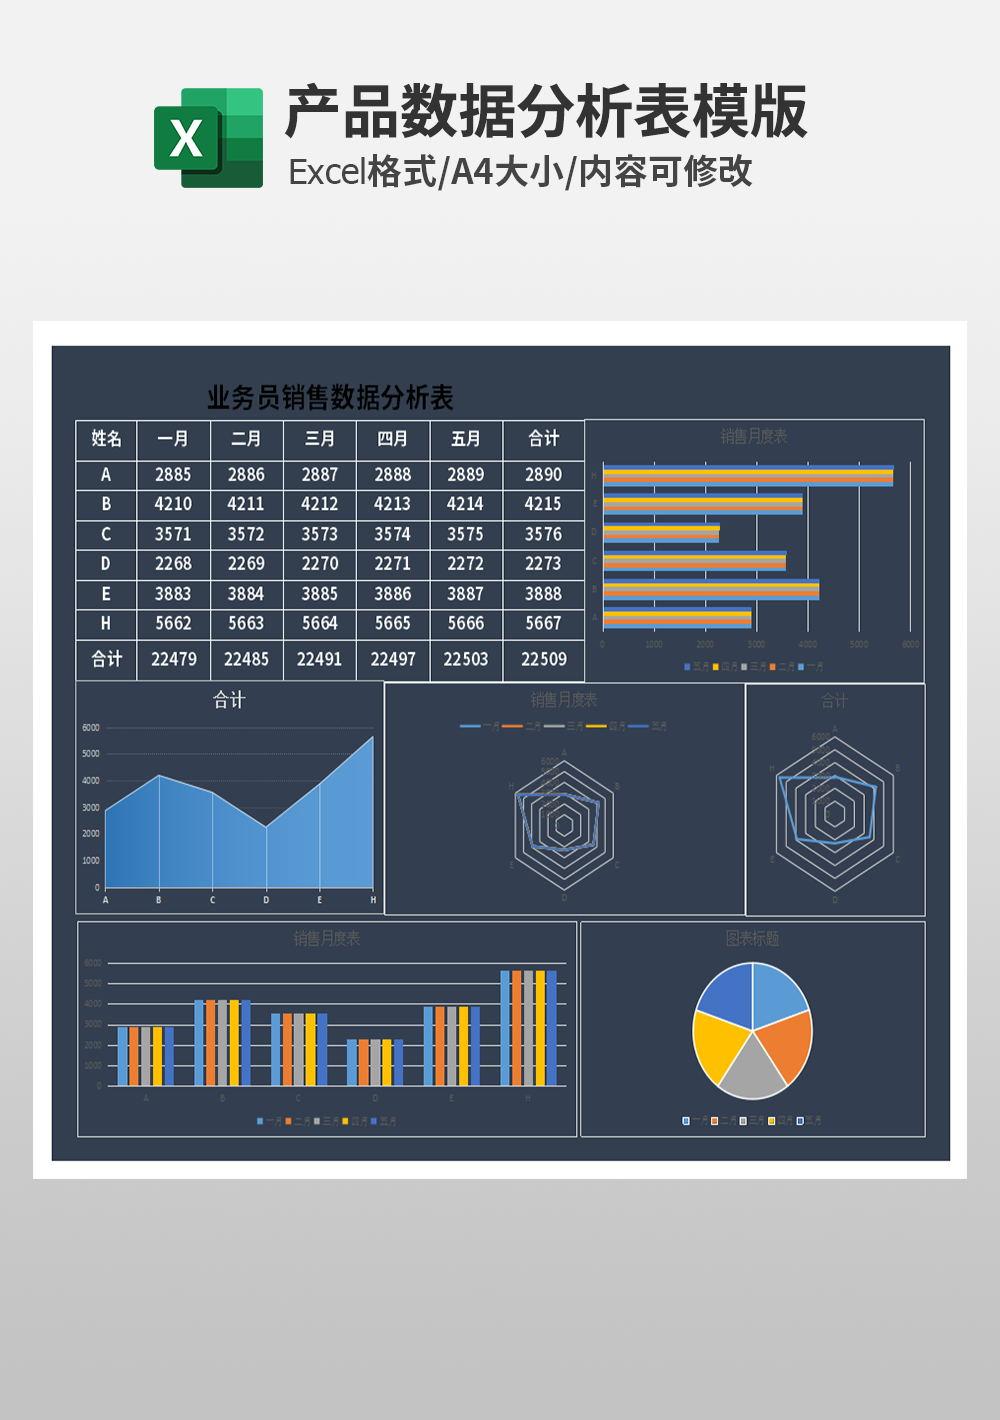 创意多表联动业务员销售数据分析表模板